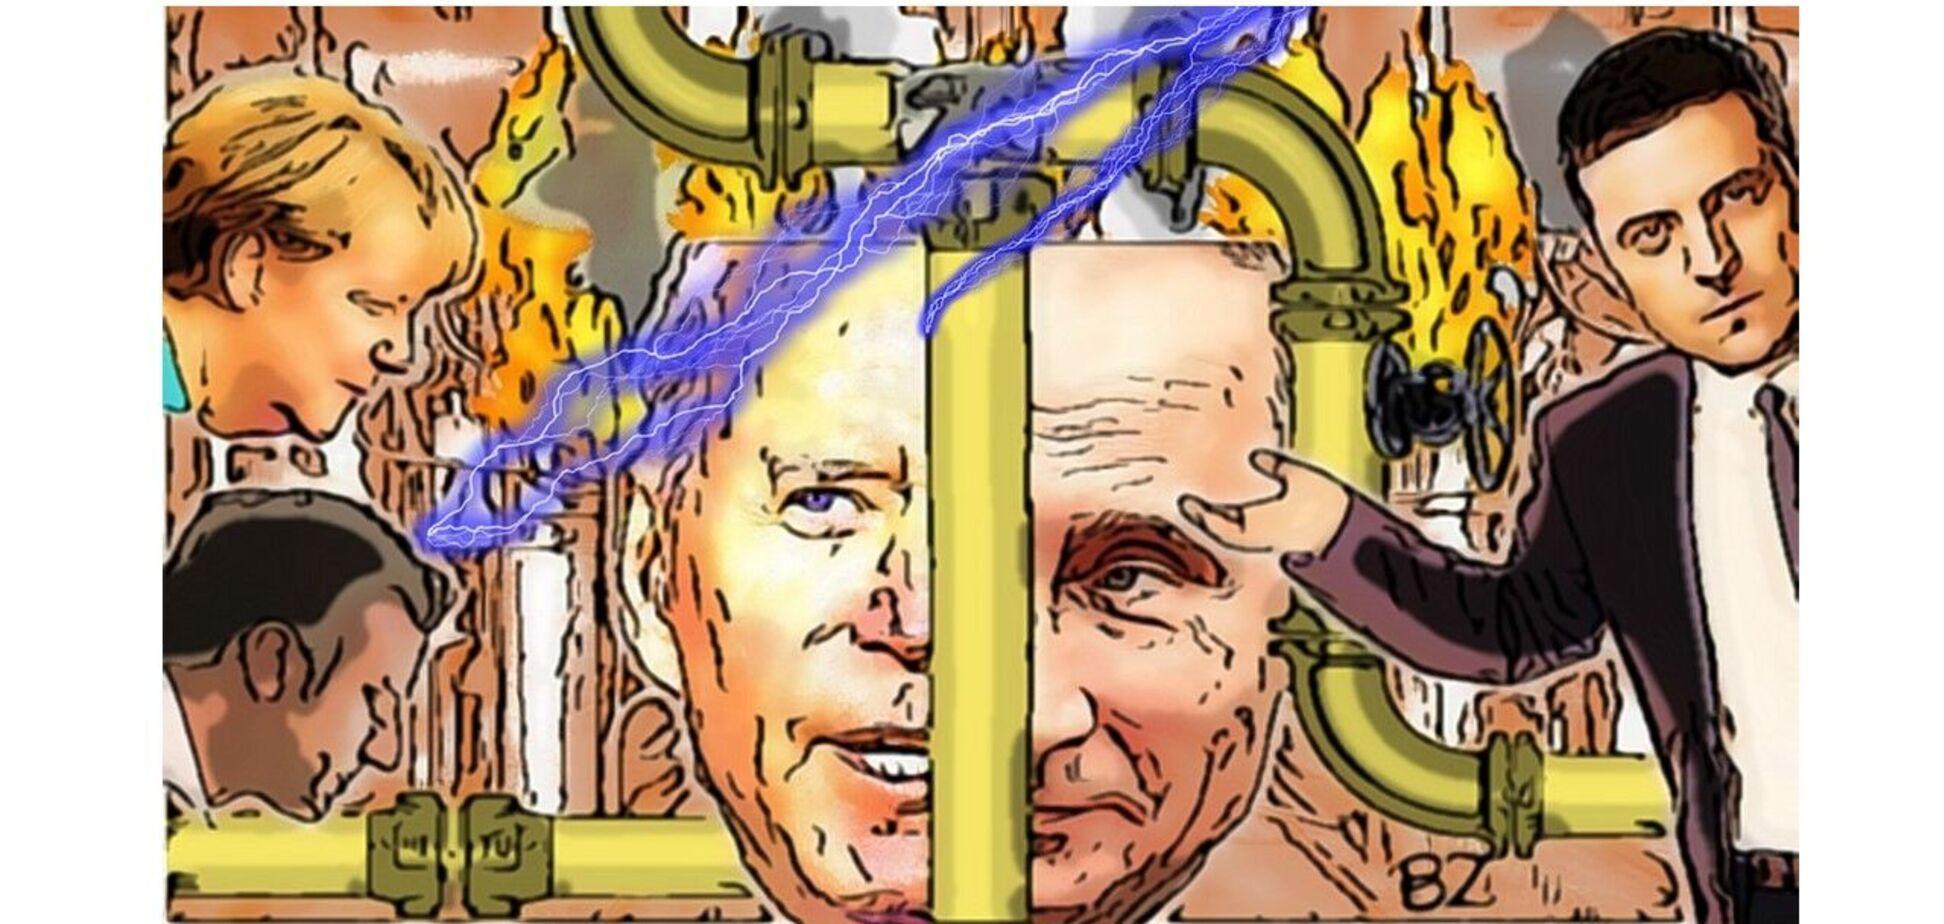 'Северный поток' политического сознания или газовый гамбит?